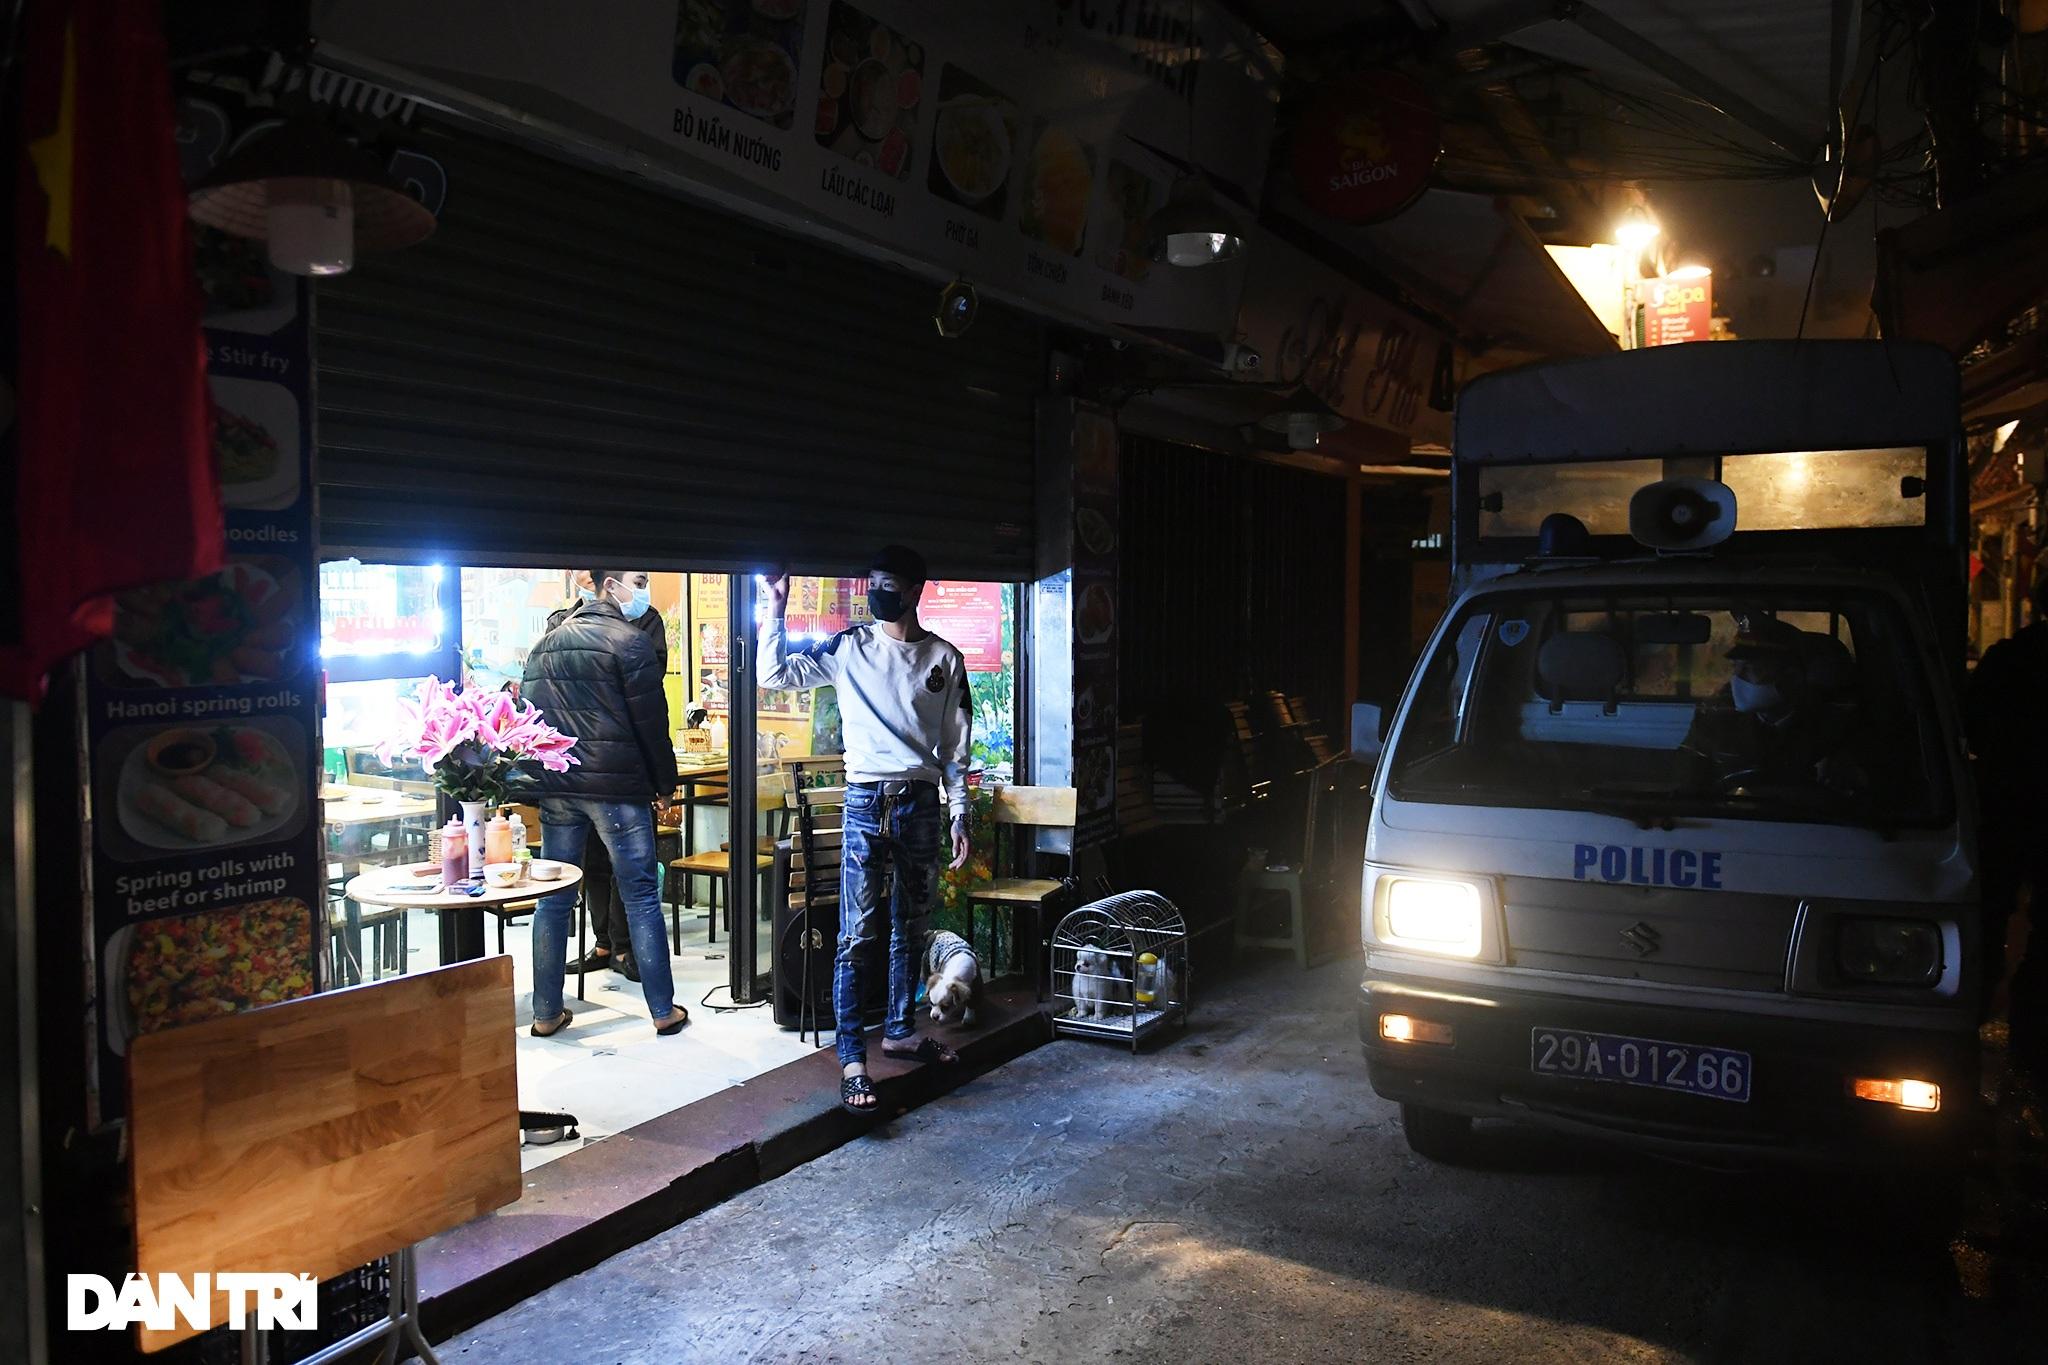 Công an Hà Nội kiểm tra xuyên đêm, yêu cầu hàng quán đóng cửa trước 0h  - 16